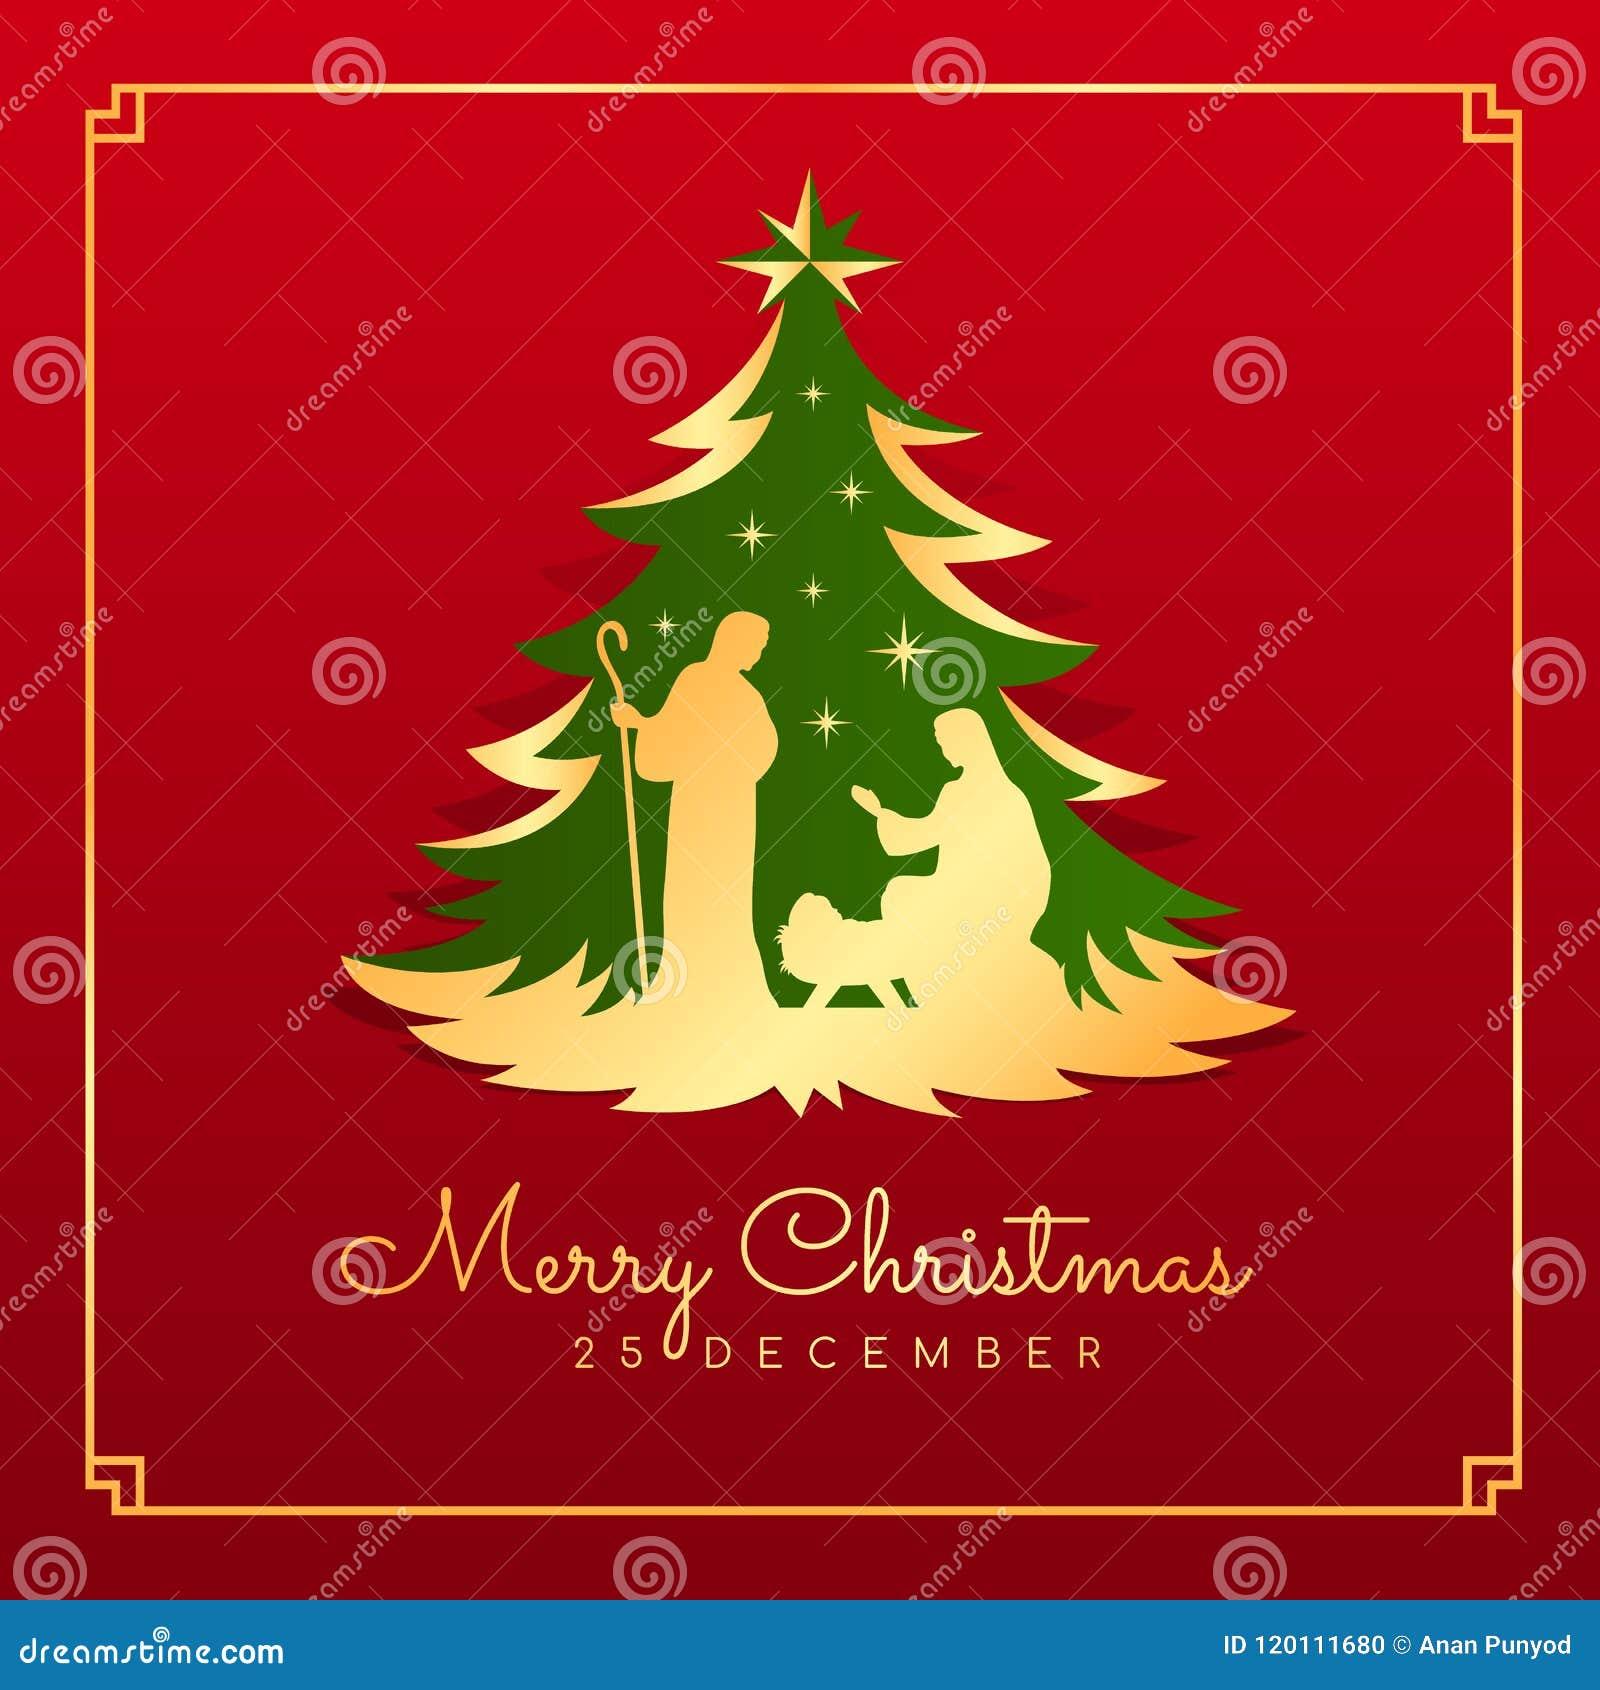 Bilder Weihnachten Krippe.Fahnenkarte Der Frohen Weihnachten Mit Nächtlicher Weihnachts